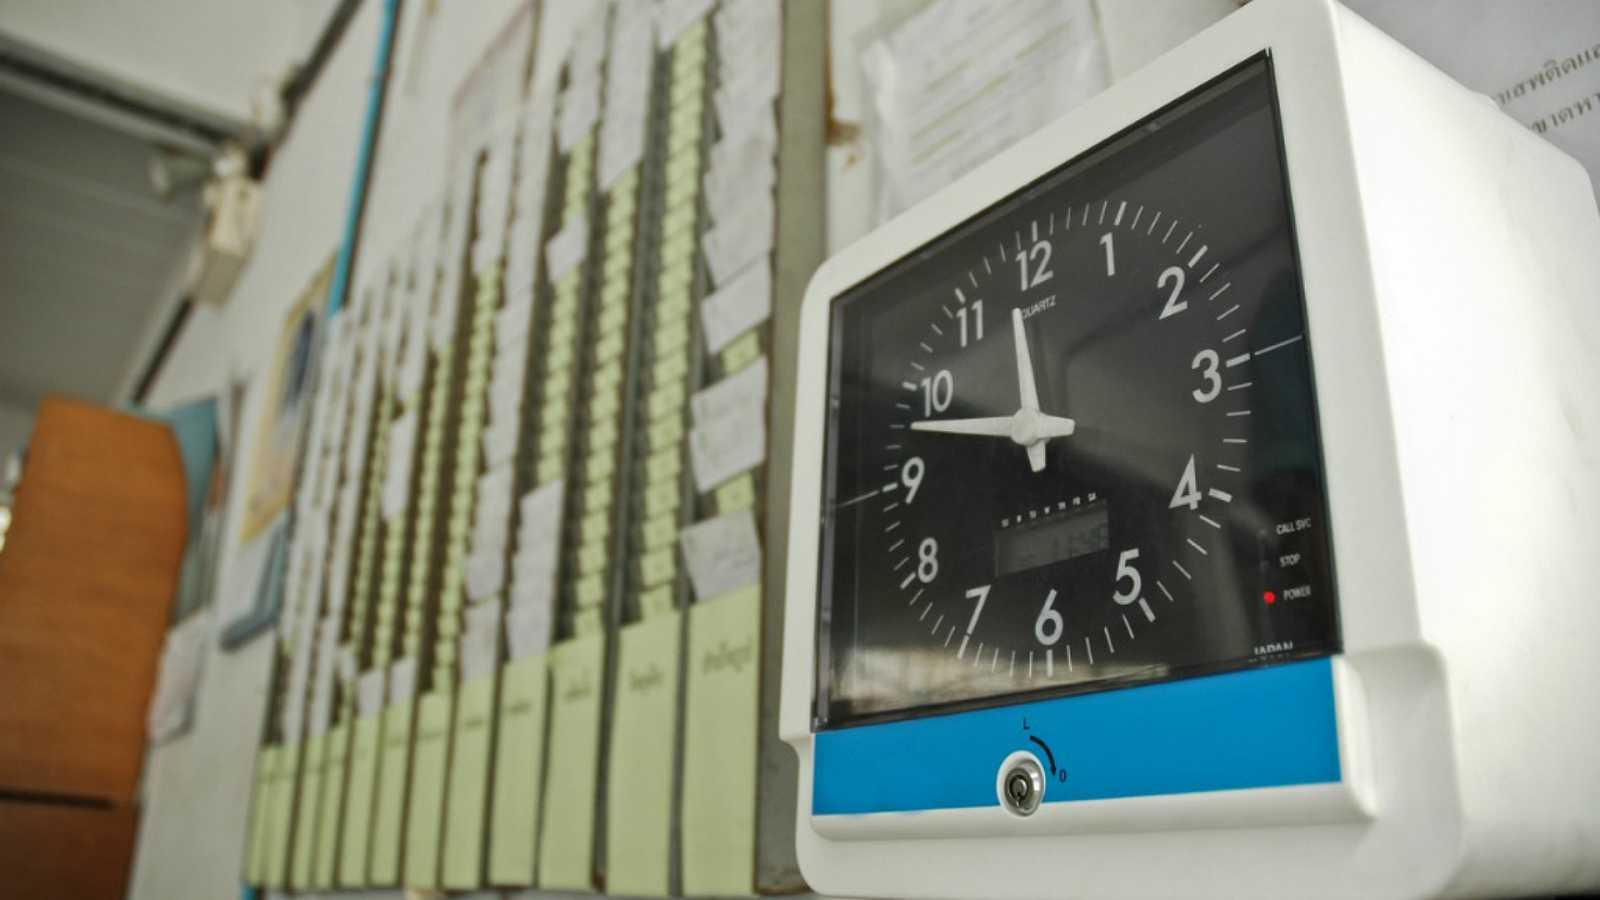 Diez minutos bien empleados - Banda sonora laboral - 03/02/20 - escuchar ahora